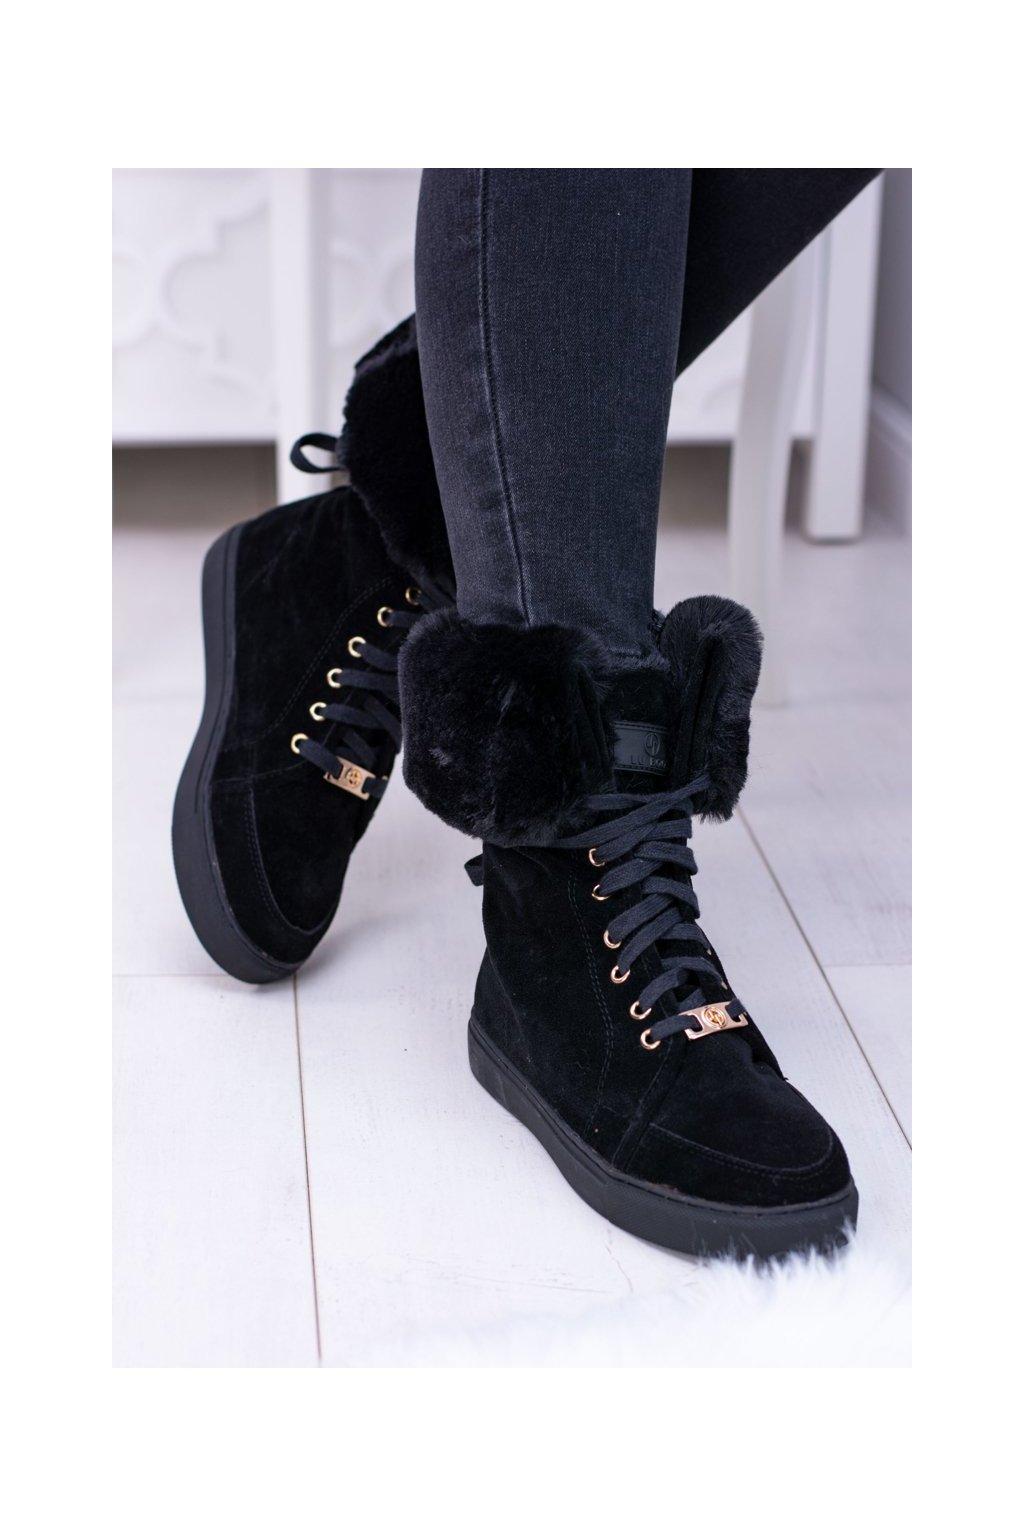 Členkové topánky na podpätku farba čierna kód obuvi B-15 BLK